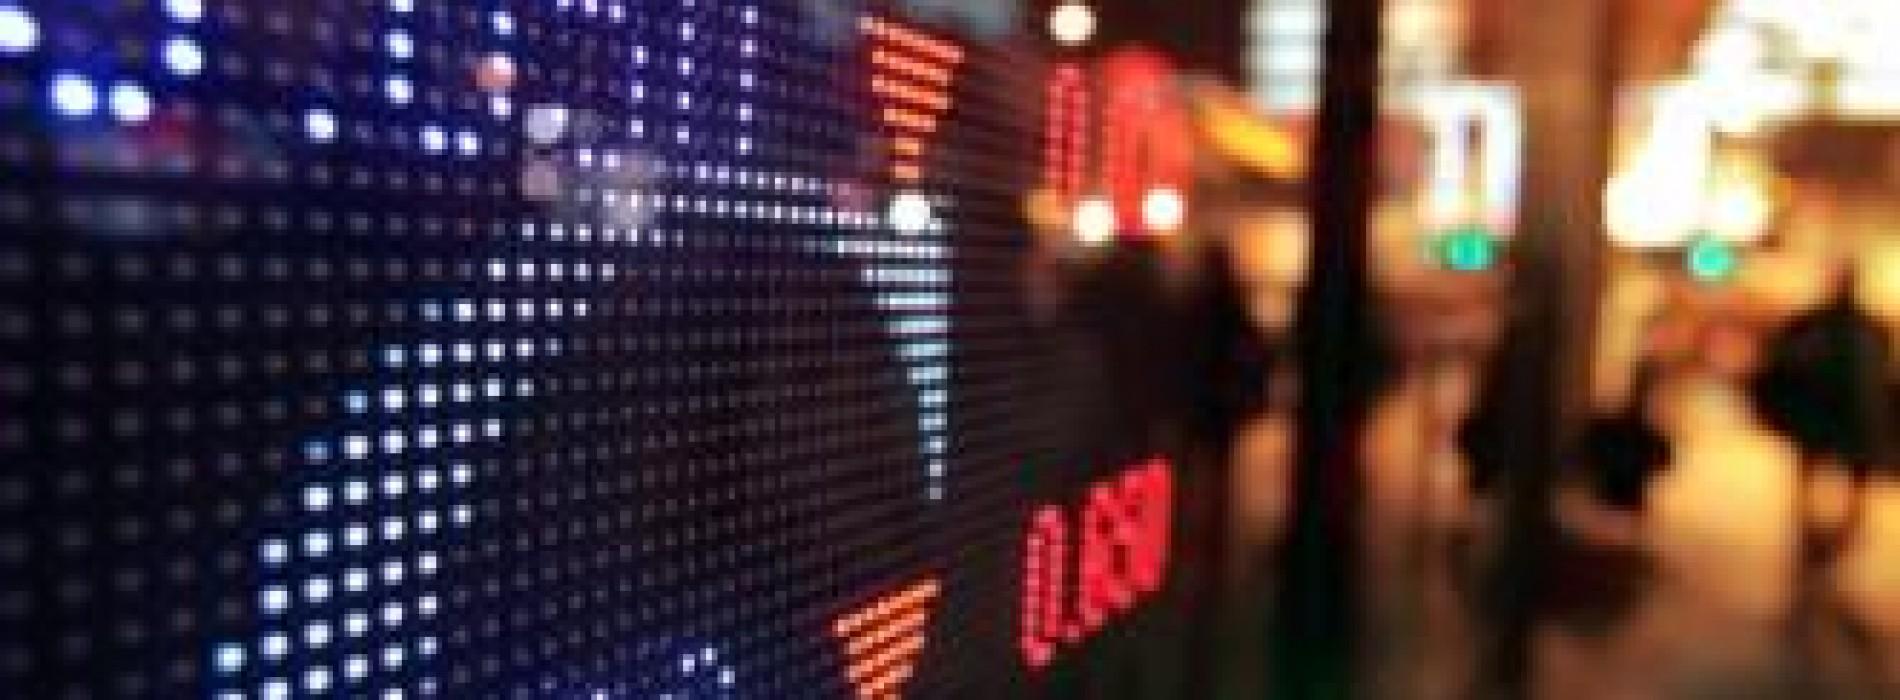 Poranny komentarz walutowy – dzień pełen wrażeń